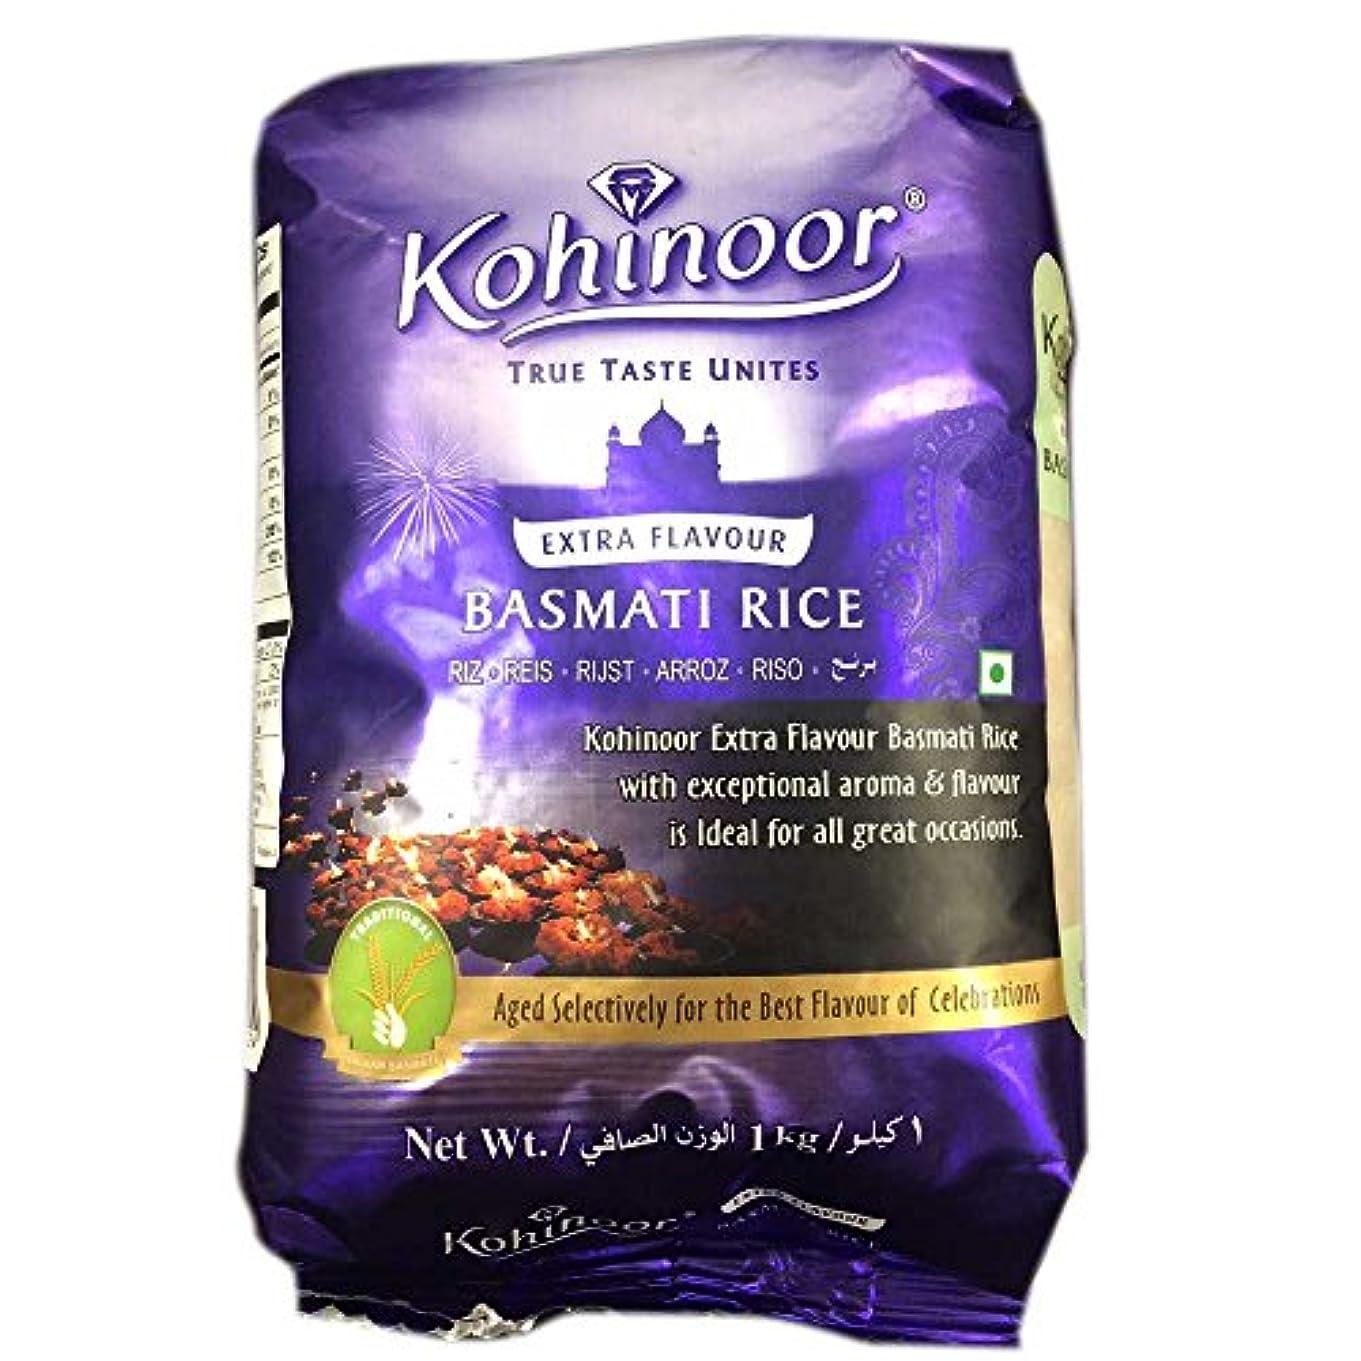 サーフィン微弱と組むバスマティライス インド産 Kohinoor 1kg Basmati Rice プラチナム 長粒米 インディカ米 香り米 業務用